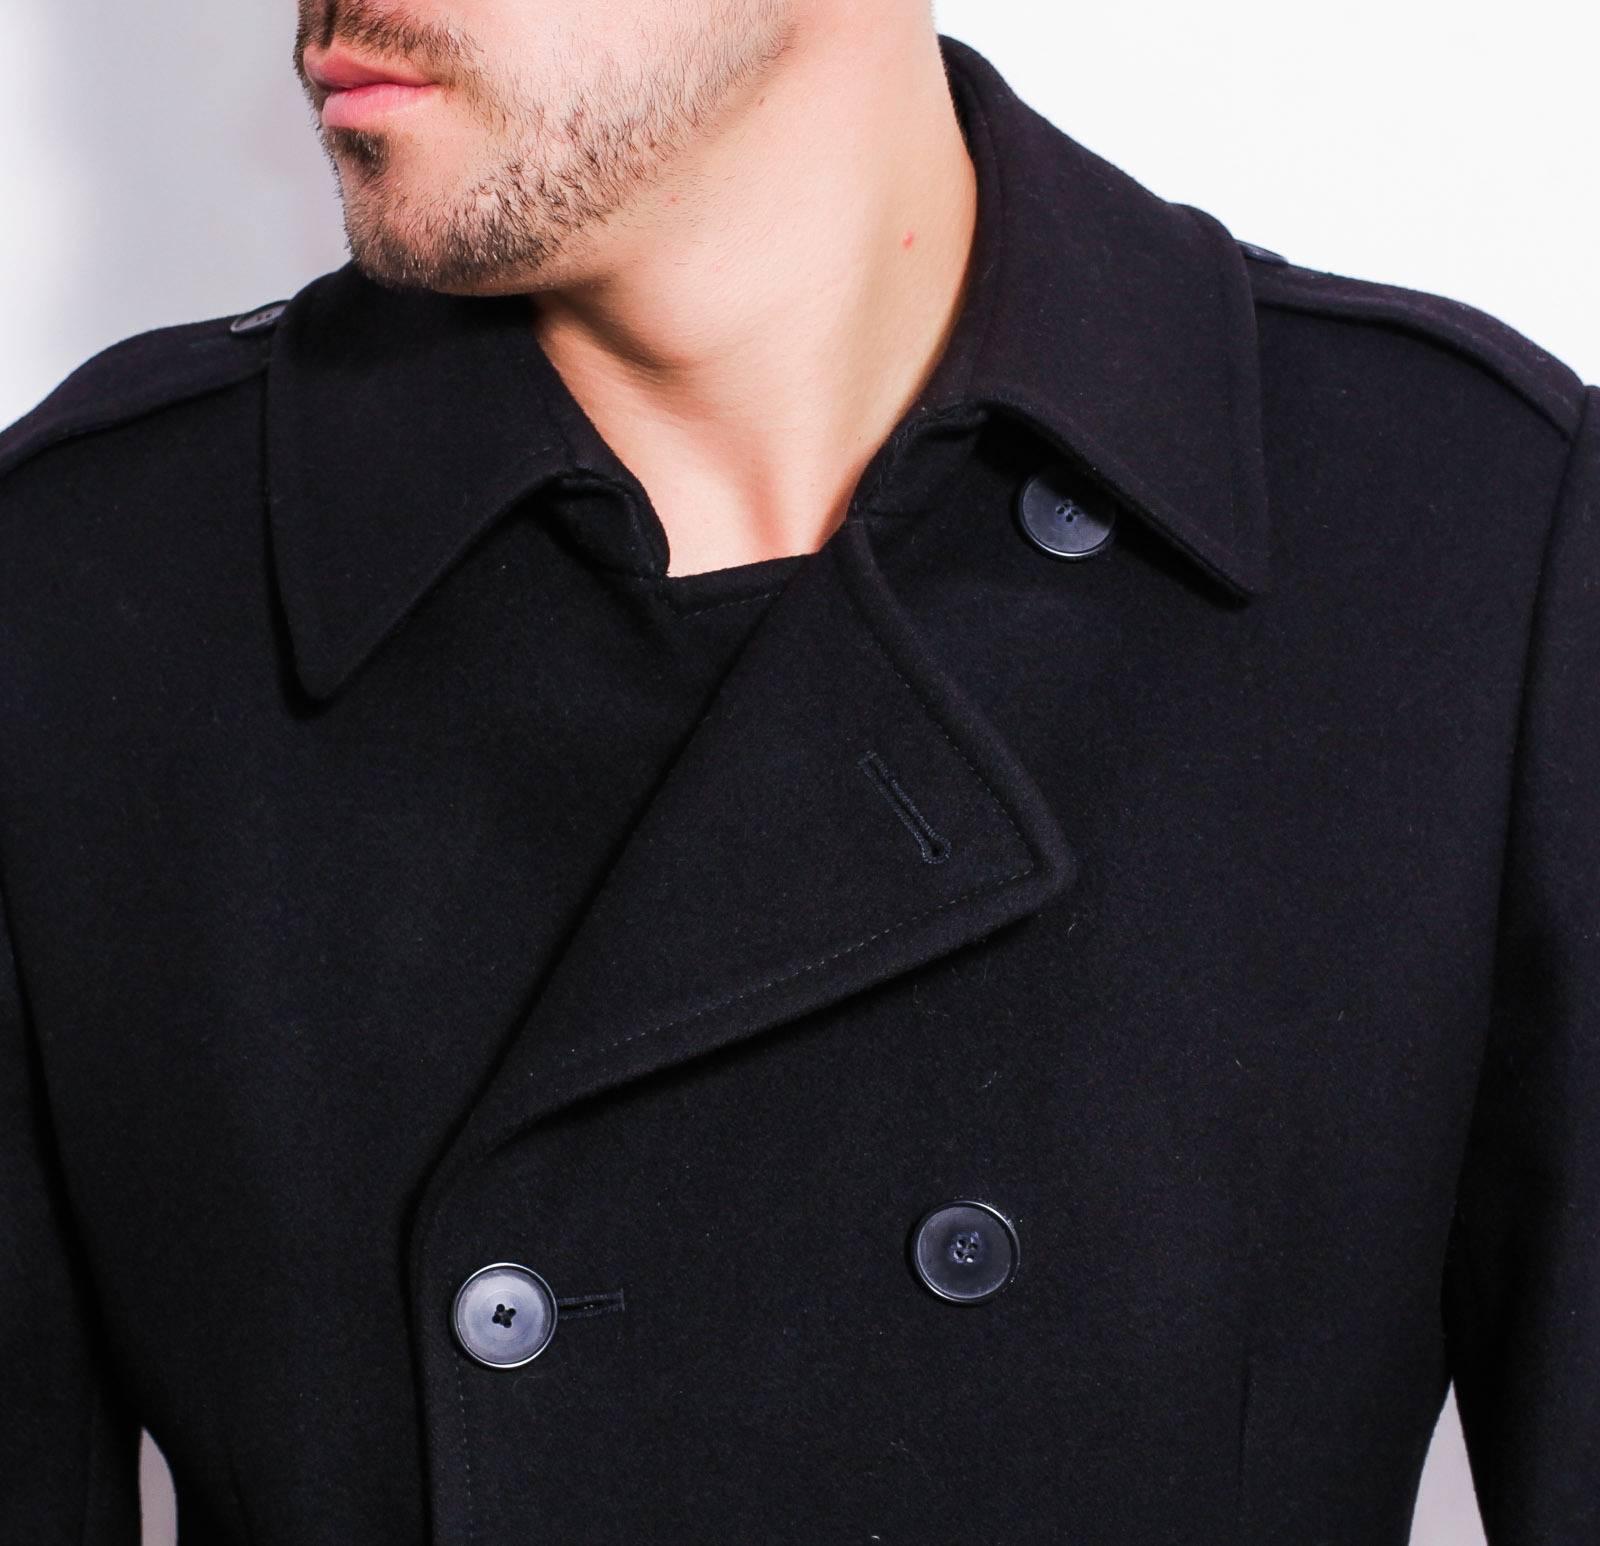 Купить пальто Burberry в Москве с доставкой по цене 16800 рублей ... 34f6016ee38